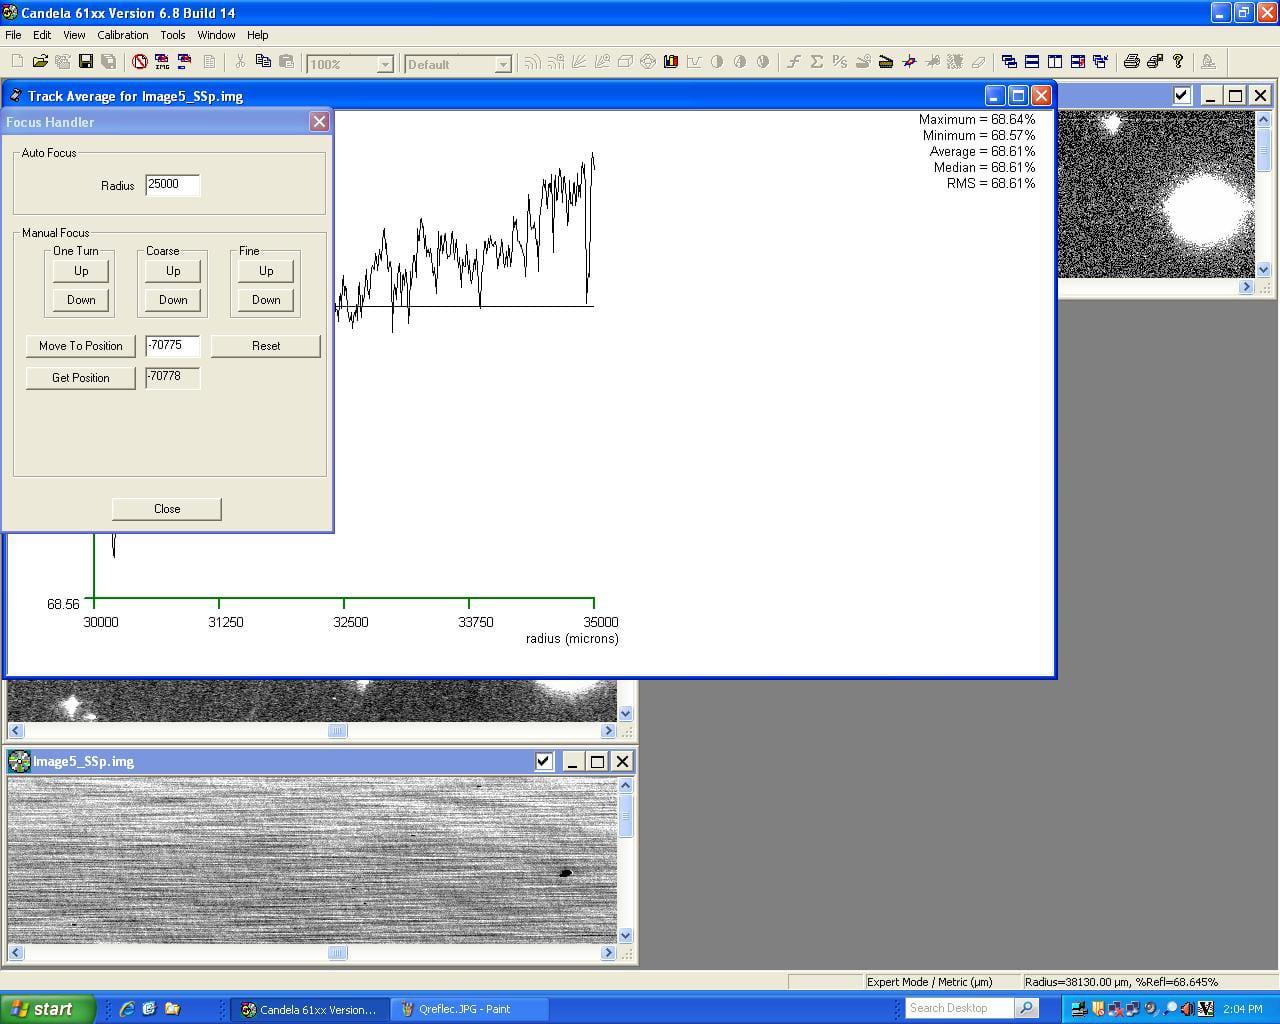 KLA Tencor Candela CS-20-Surface Analyzer Image 53